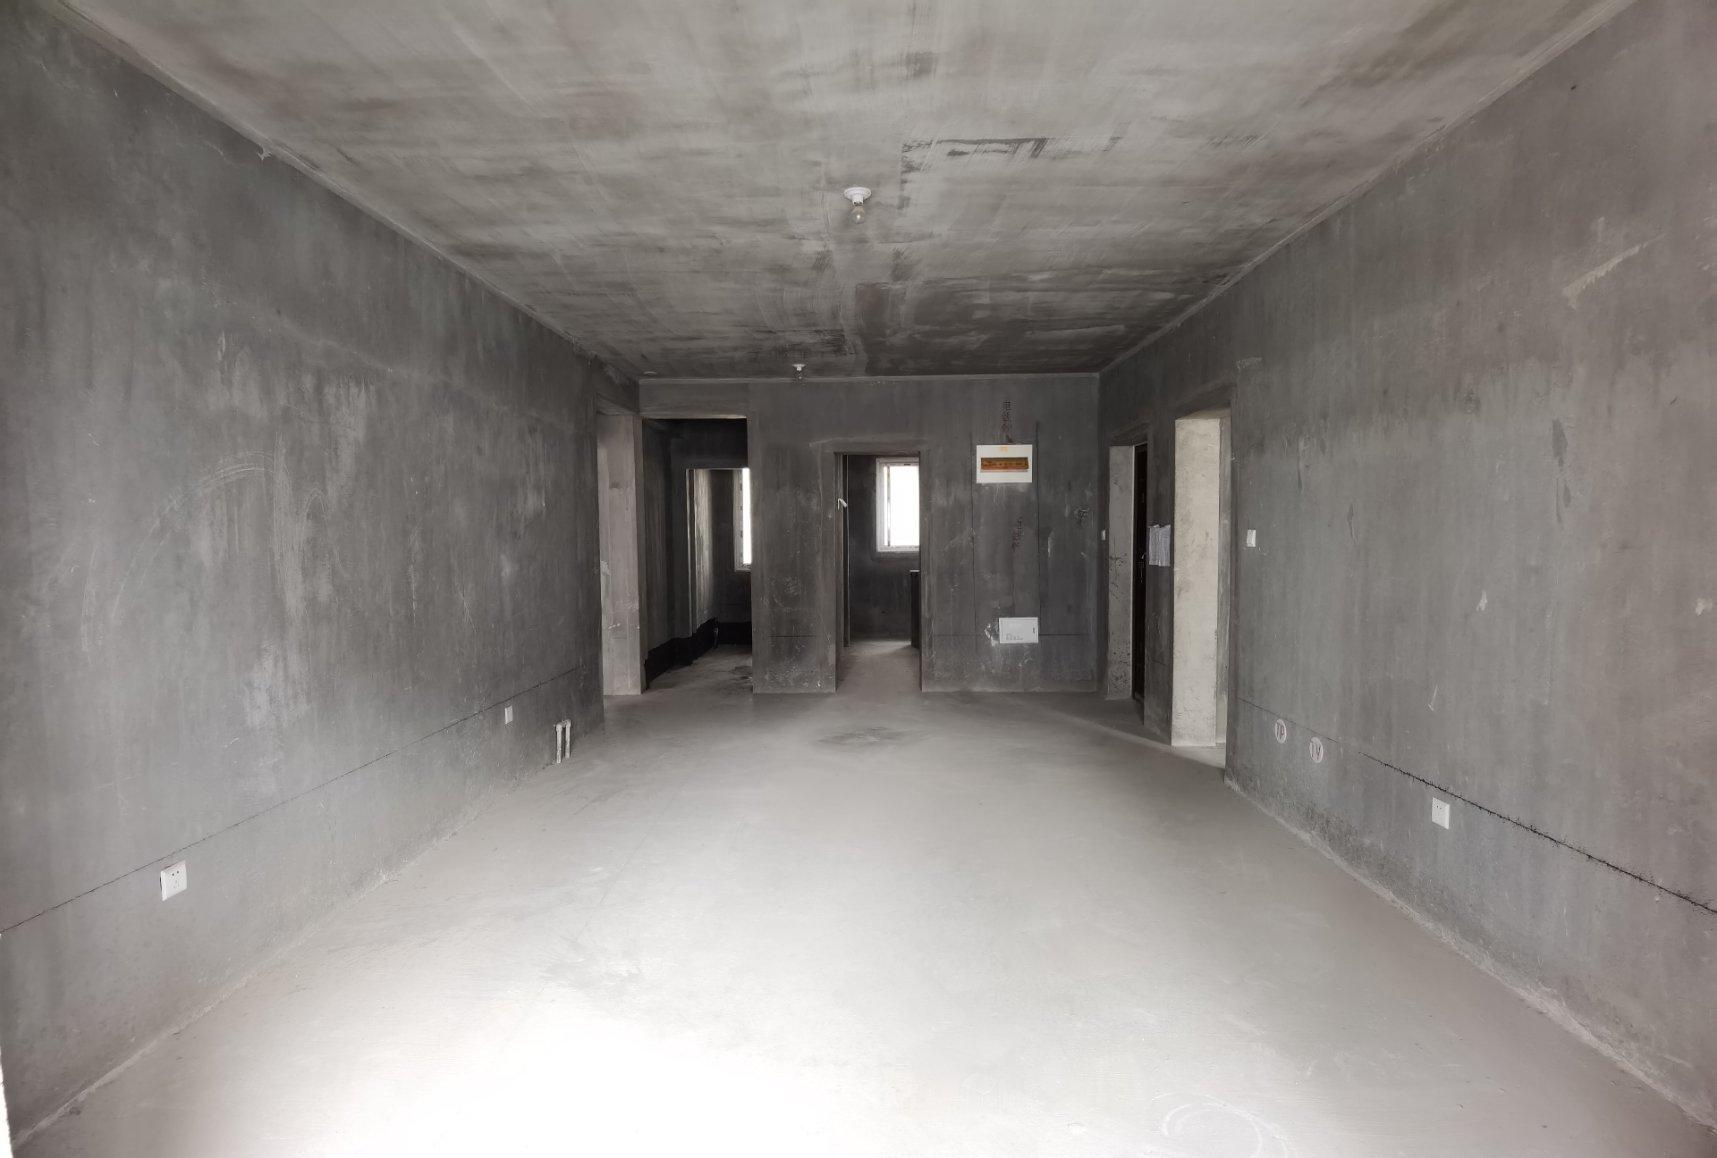 定国湖畔 华恩城 毛坯3室2厅2卫 南北通透 车位(另算)